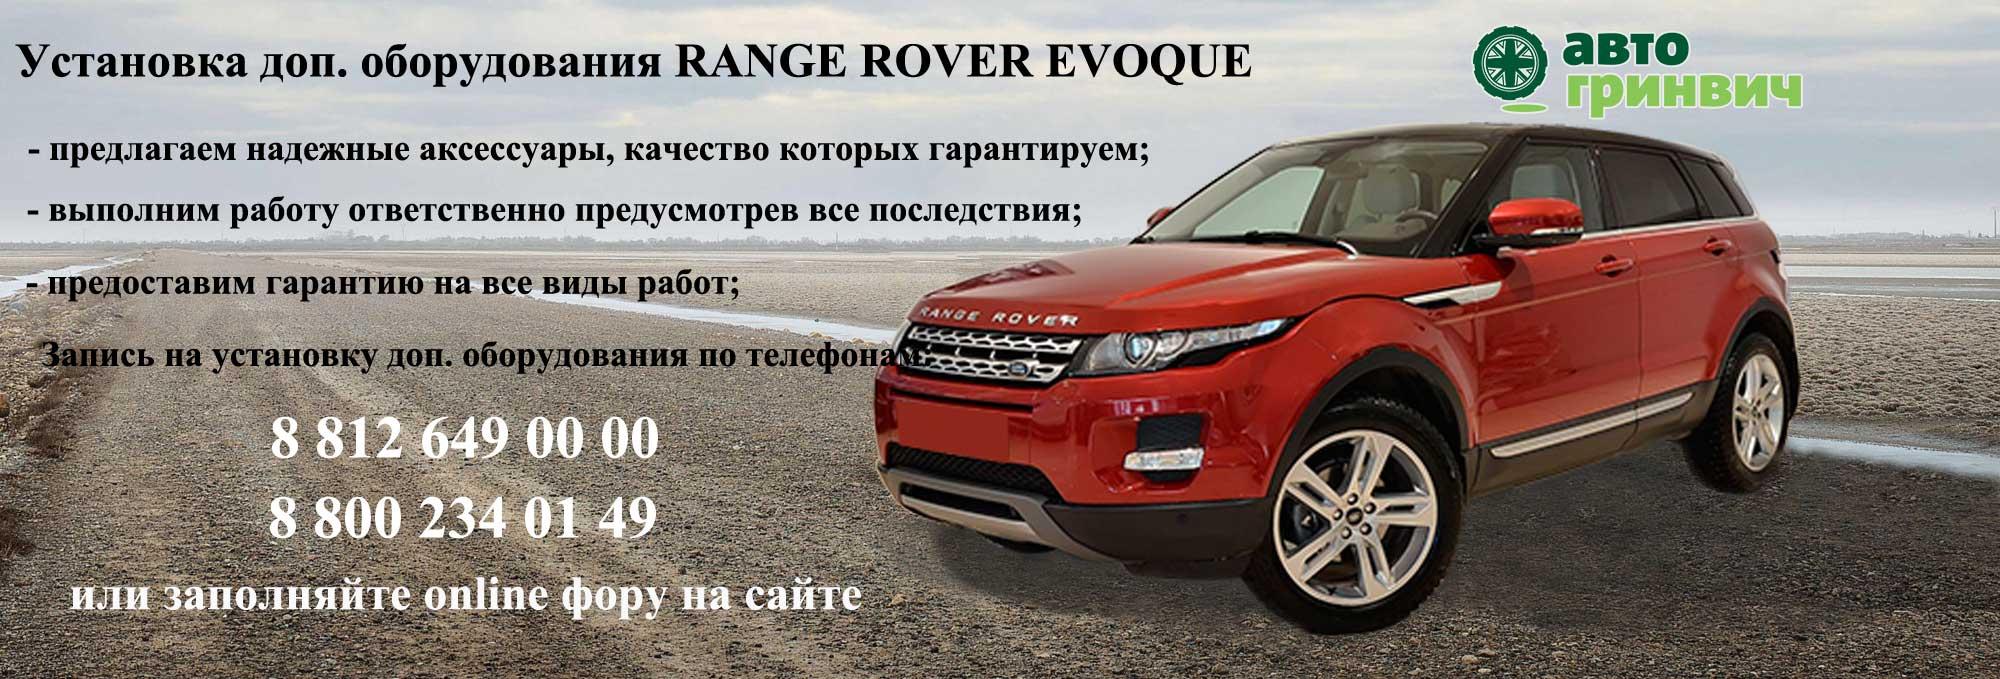 Установка дополнительного оборудования Range Rover Evoque